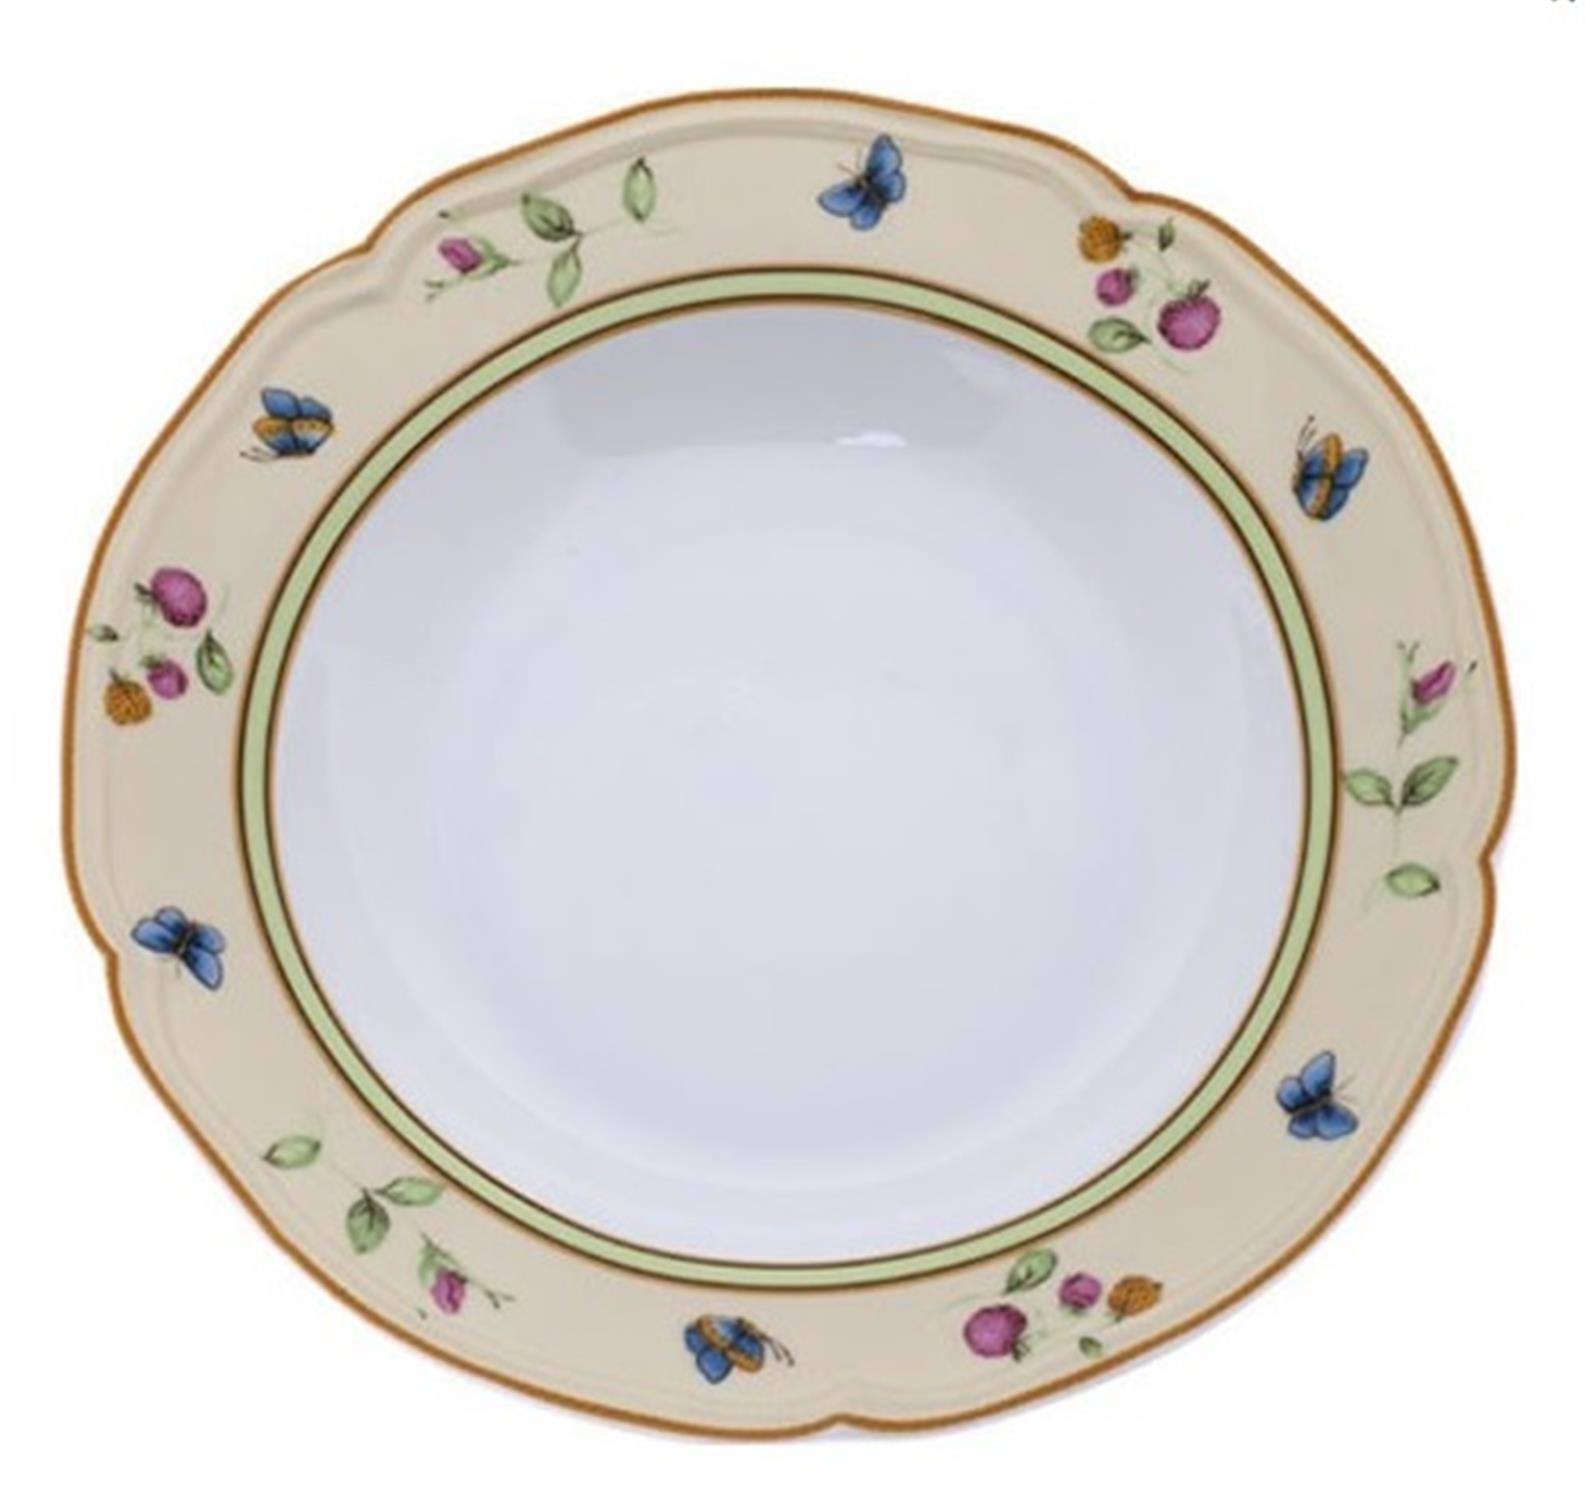 Πιάτο βαθύ πεταλούδες/λουλούδια πορσελάνινο μπεζ